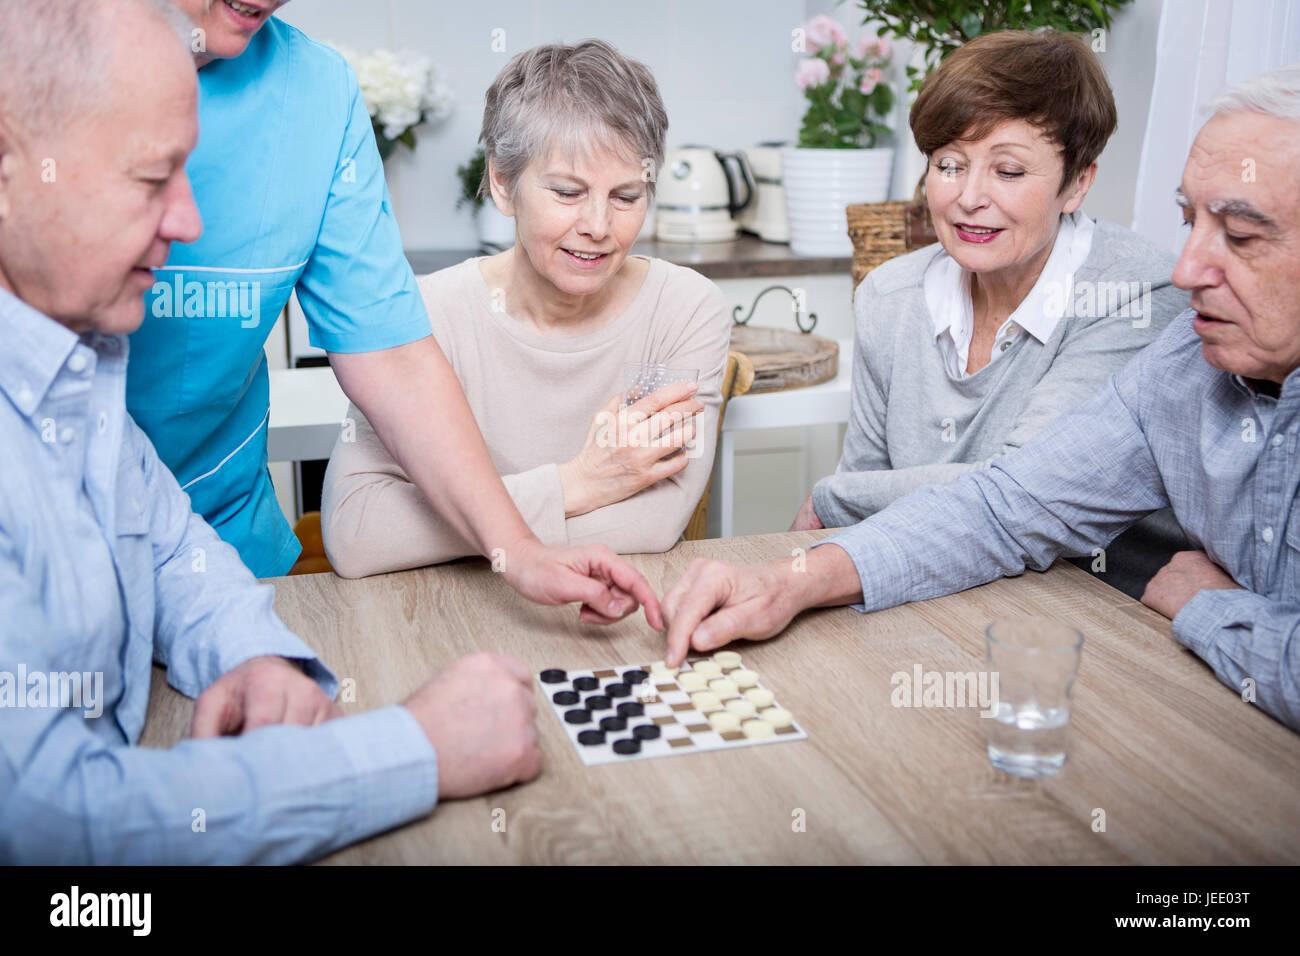 Enfermera Ayudando Con Una Noche De Juegos Para Ancianos Foto